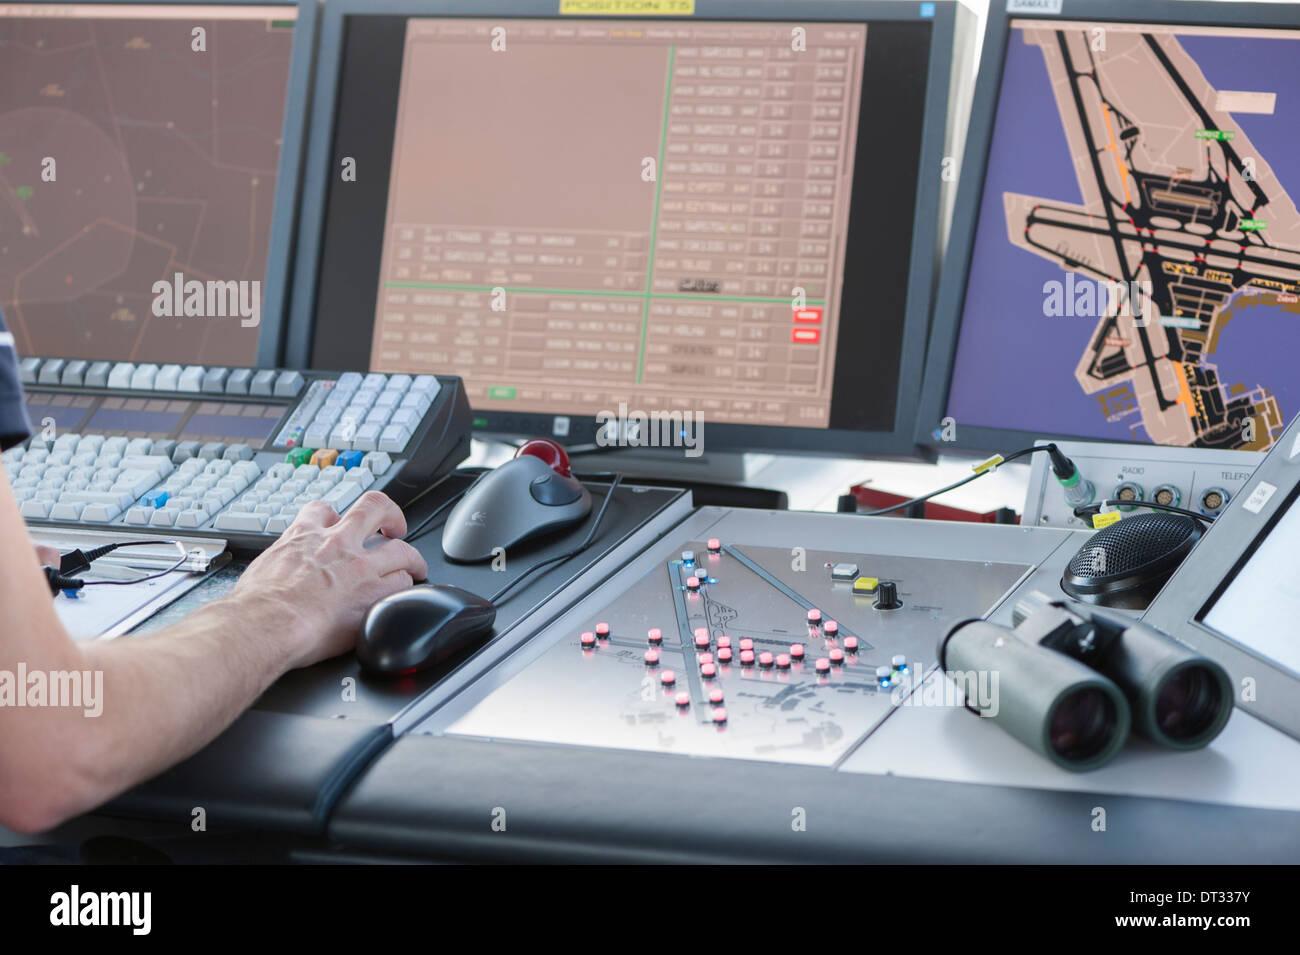 Las pantallas de control en la torre de control del aeropuerto internacional de Zúrich mostrar tres pistas de aterrizaje del aeropuerto y tierra de tráfico. Foto de stock